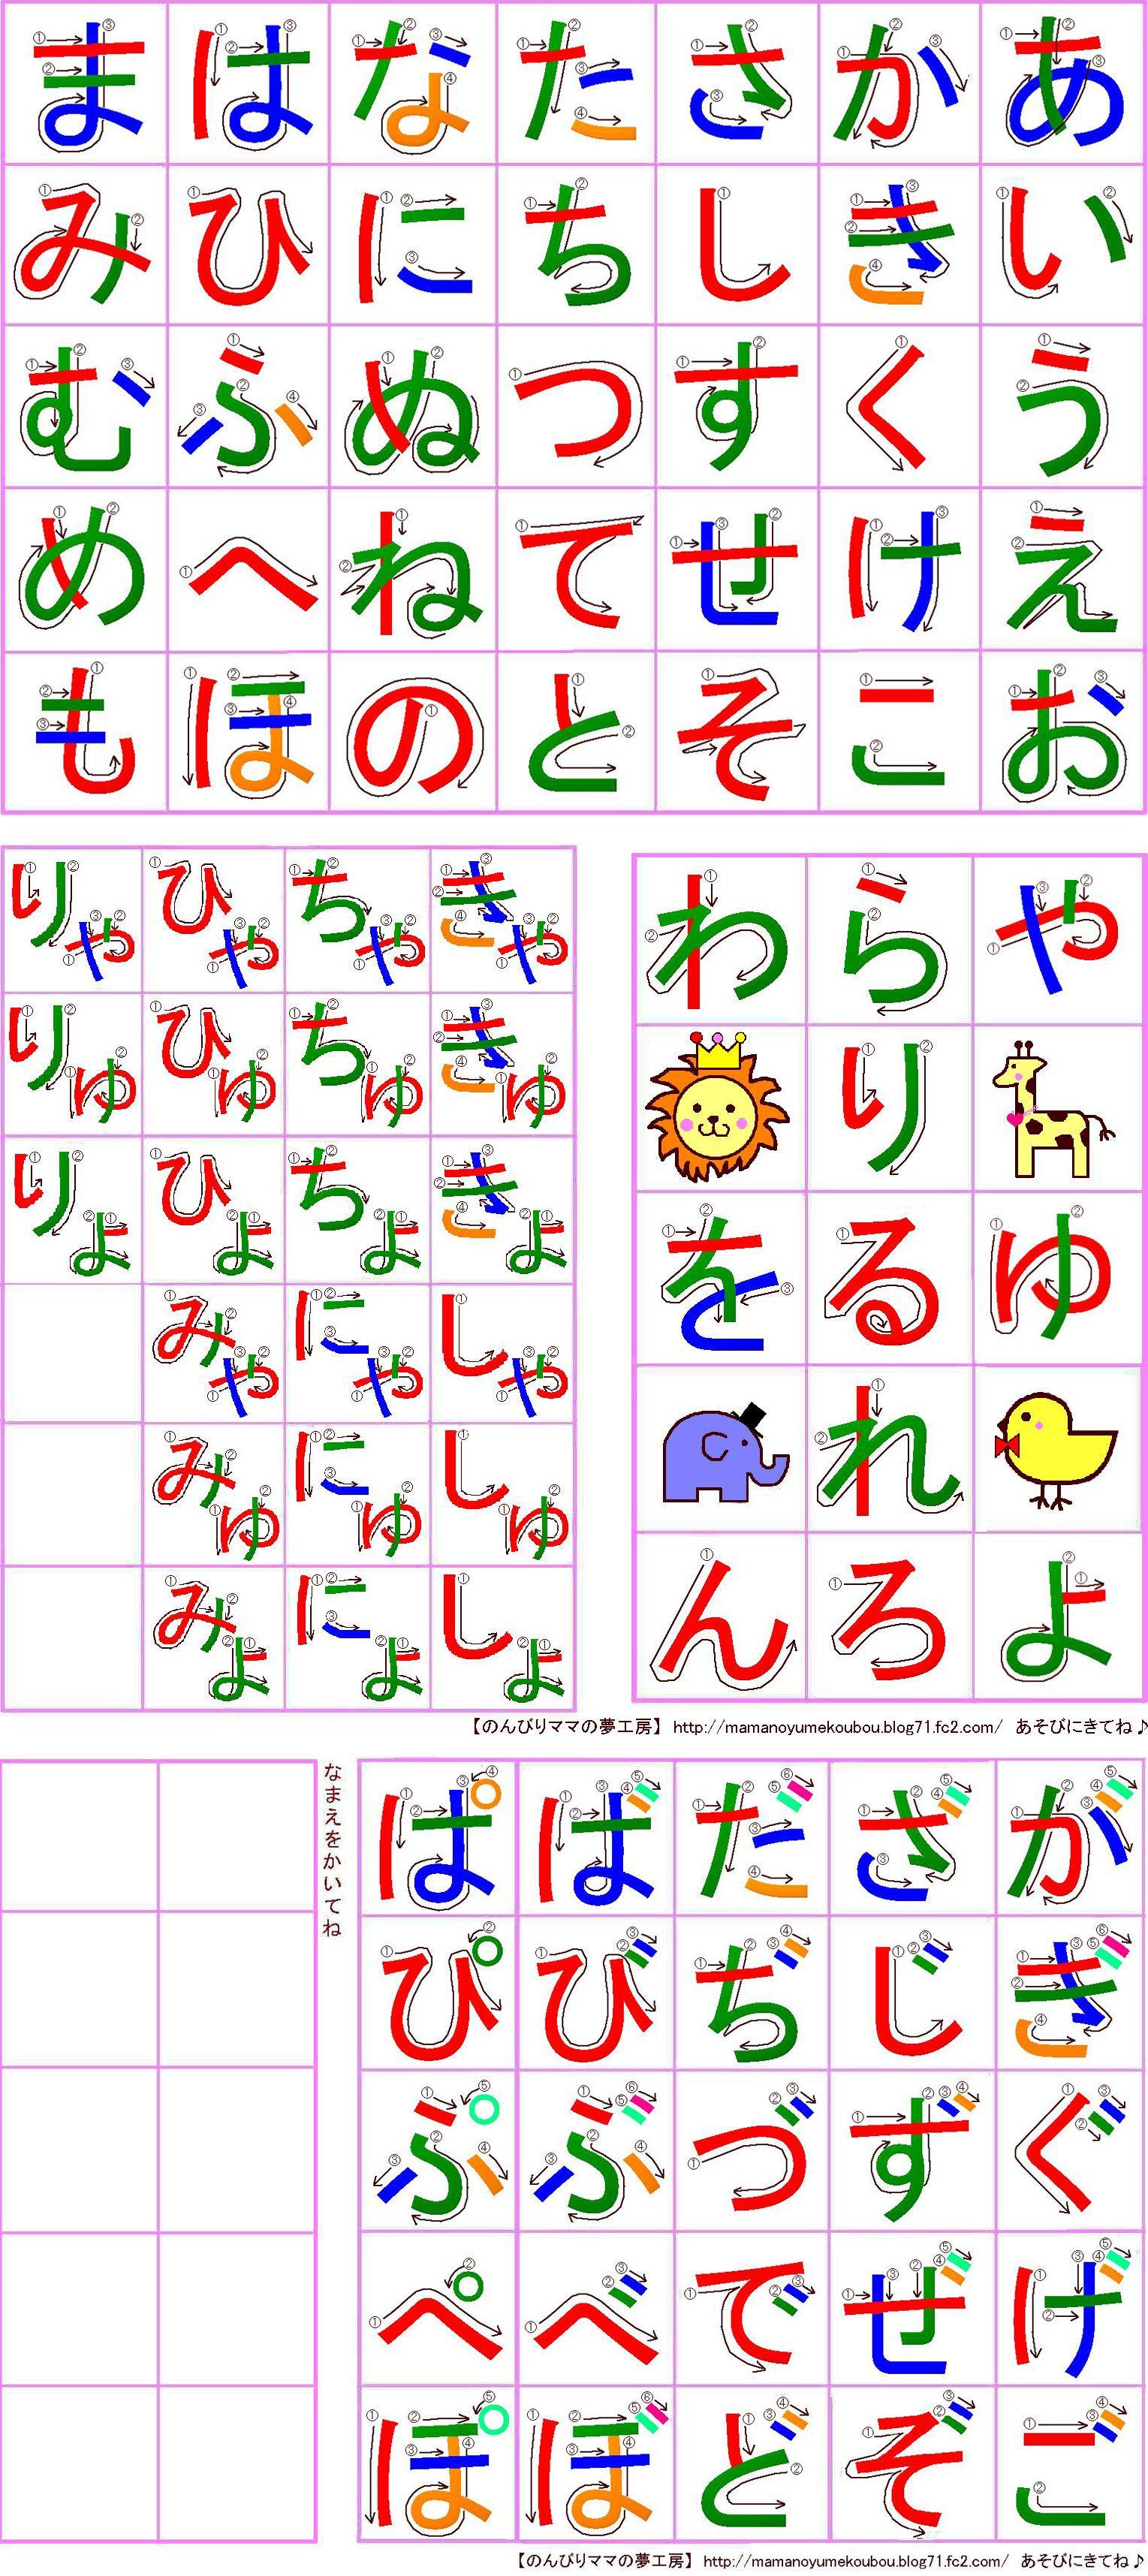 medium resolution of stroke order diagram schematic diagram database kanji colorizer stroke order diagrams kanji stroke diagram